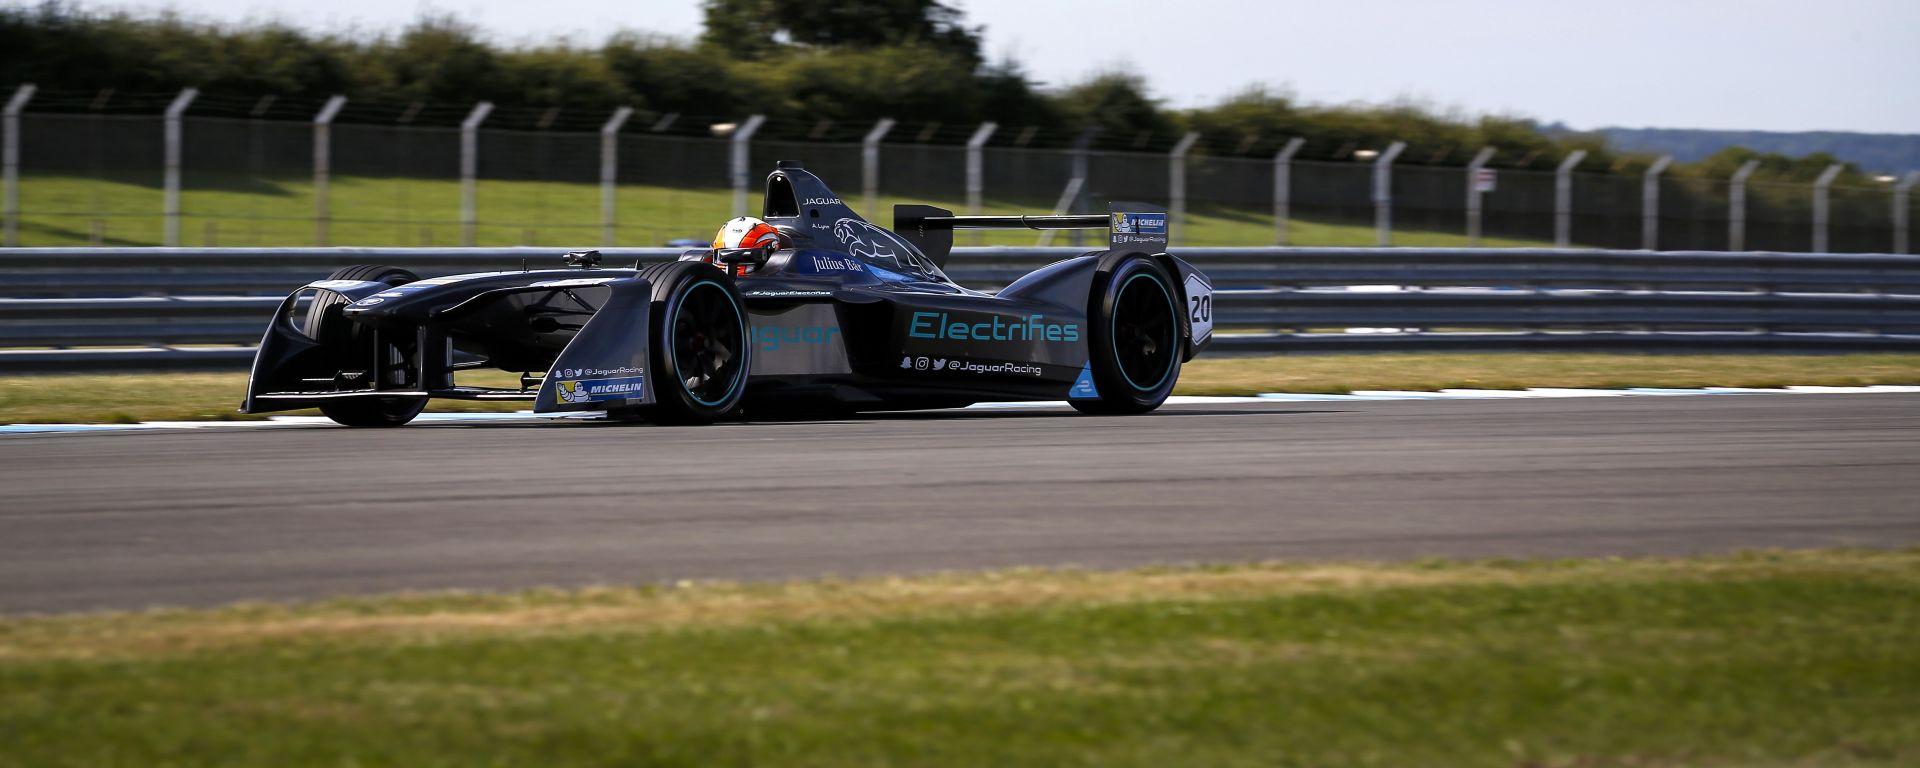 La vettura dellaJaguar Racing sarà denominataJaguar I-Type 1